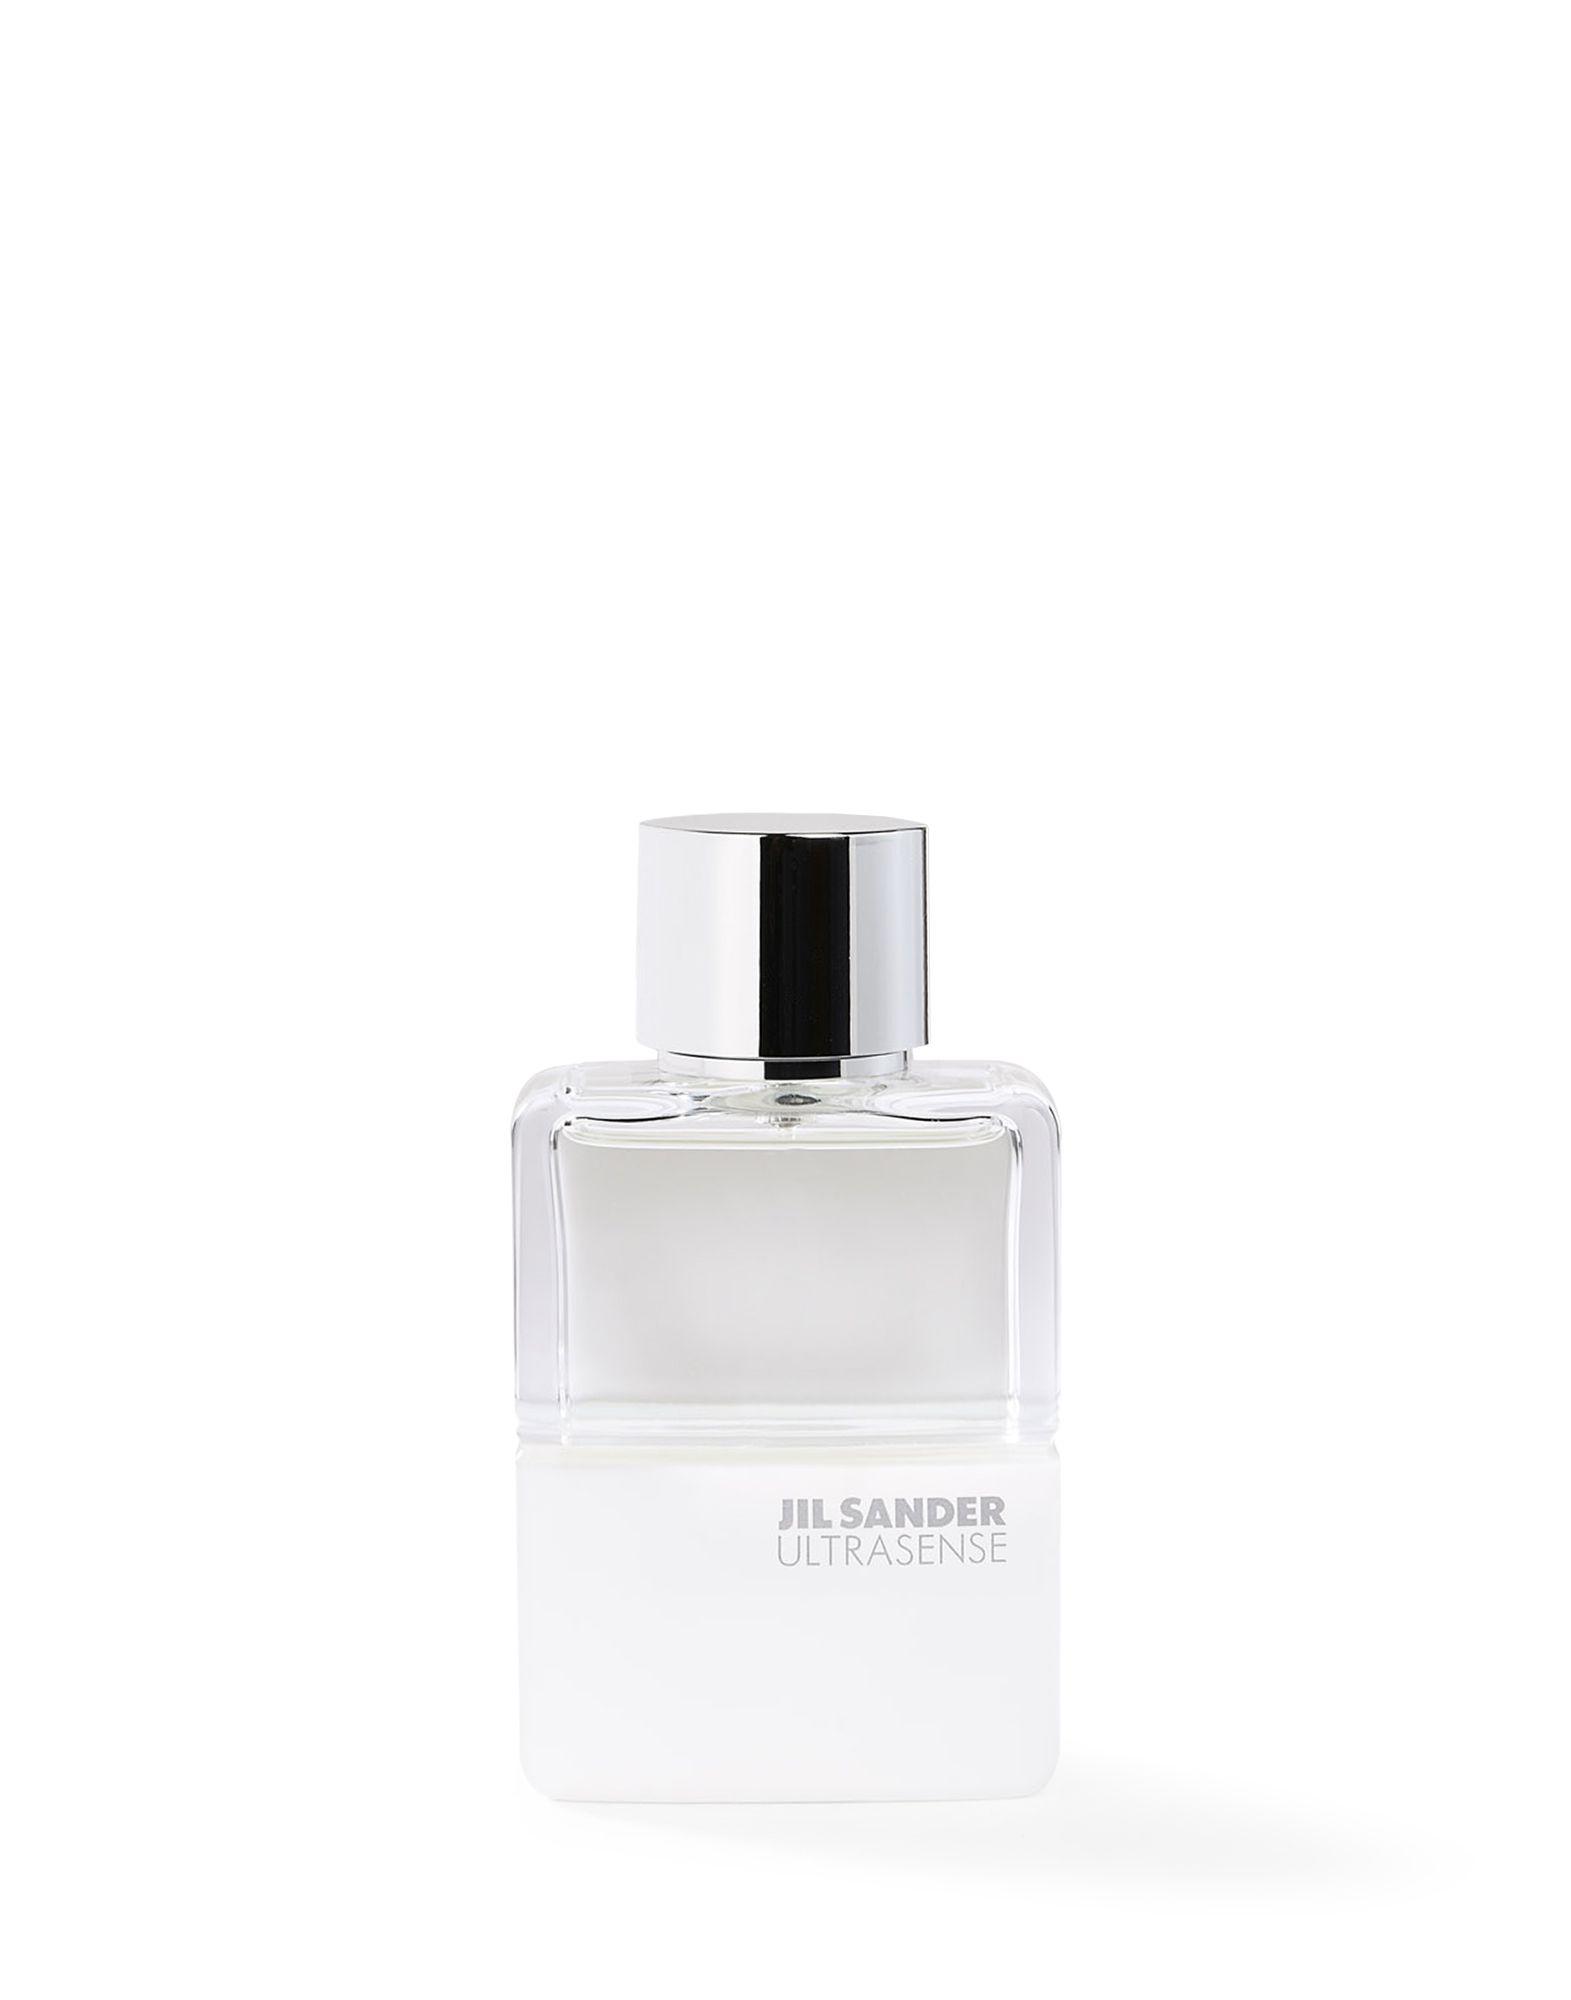 Ultrasense White - JIL SANDER Online Store